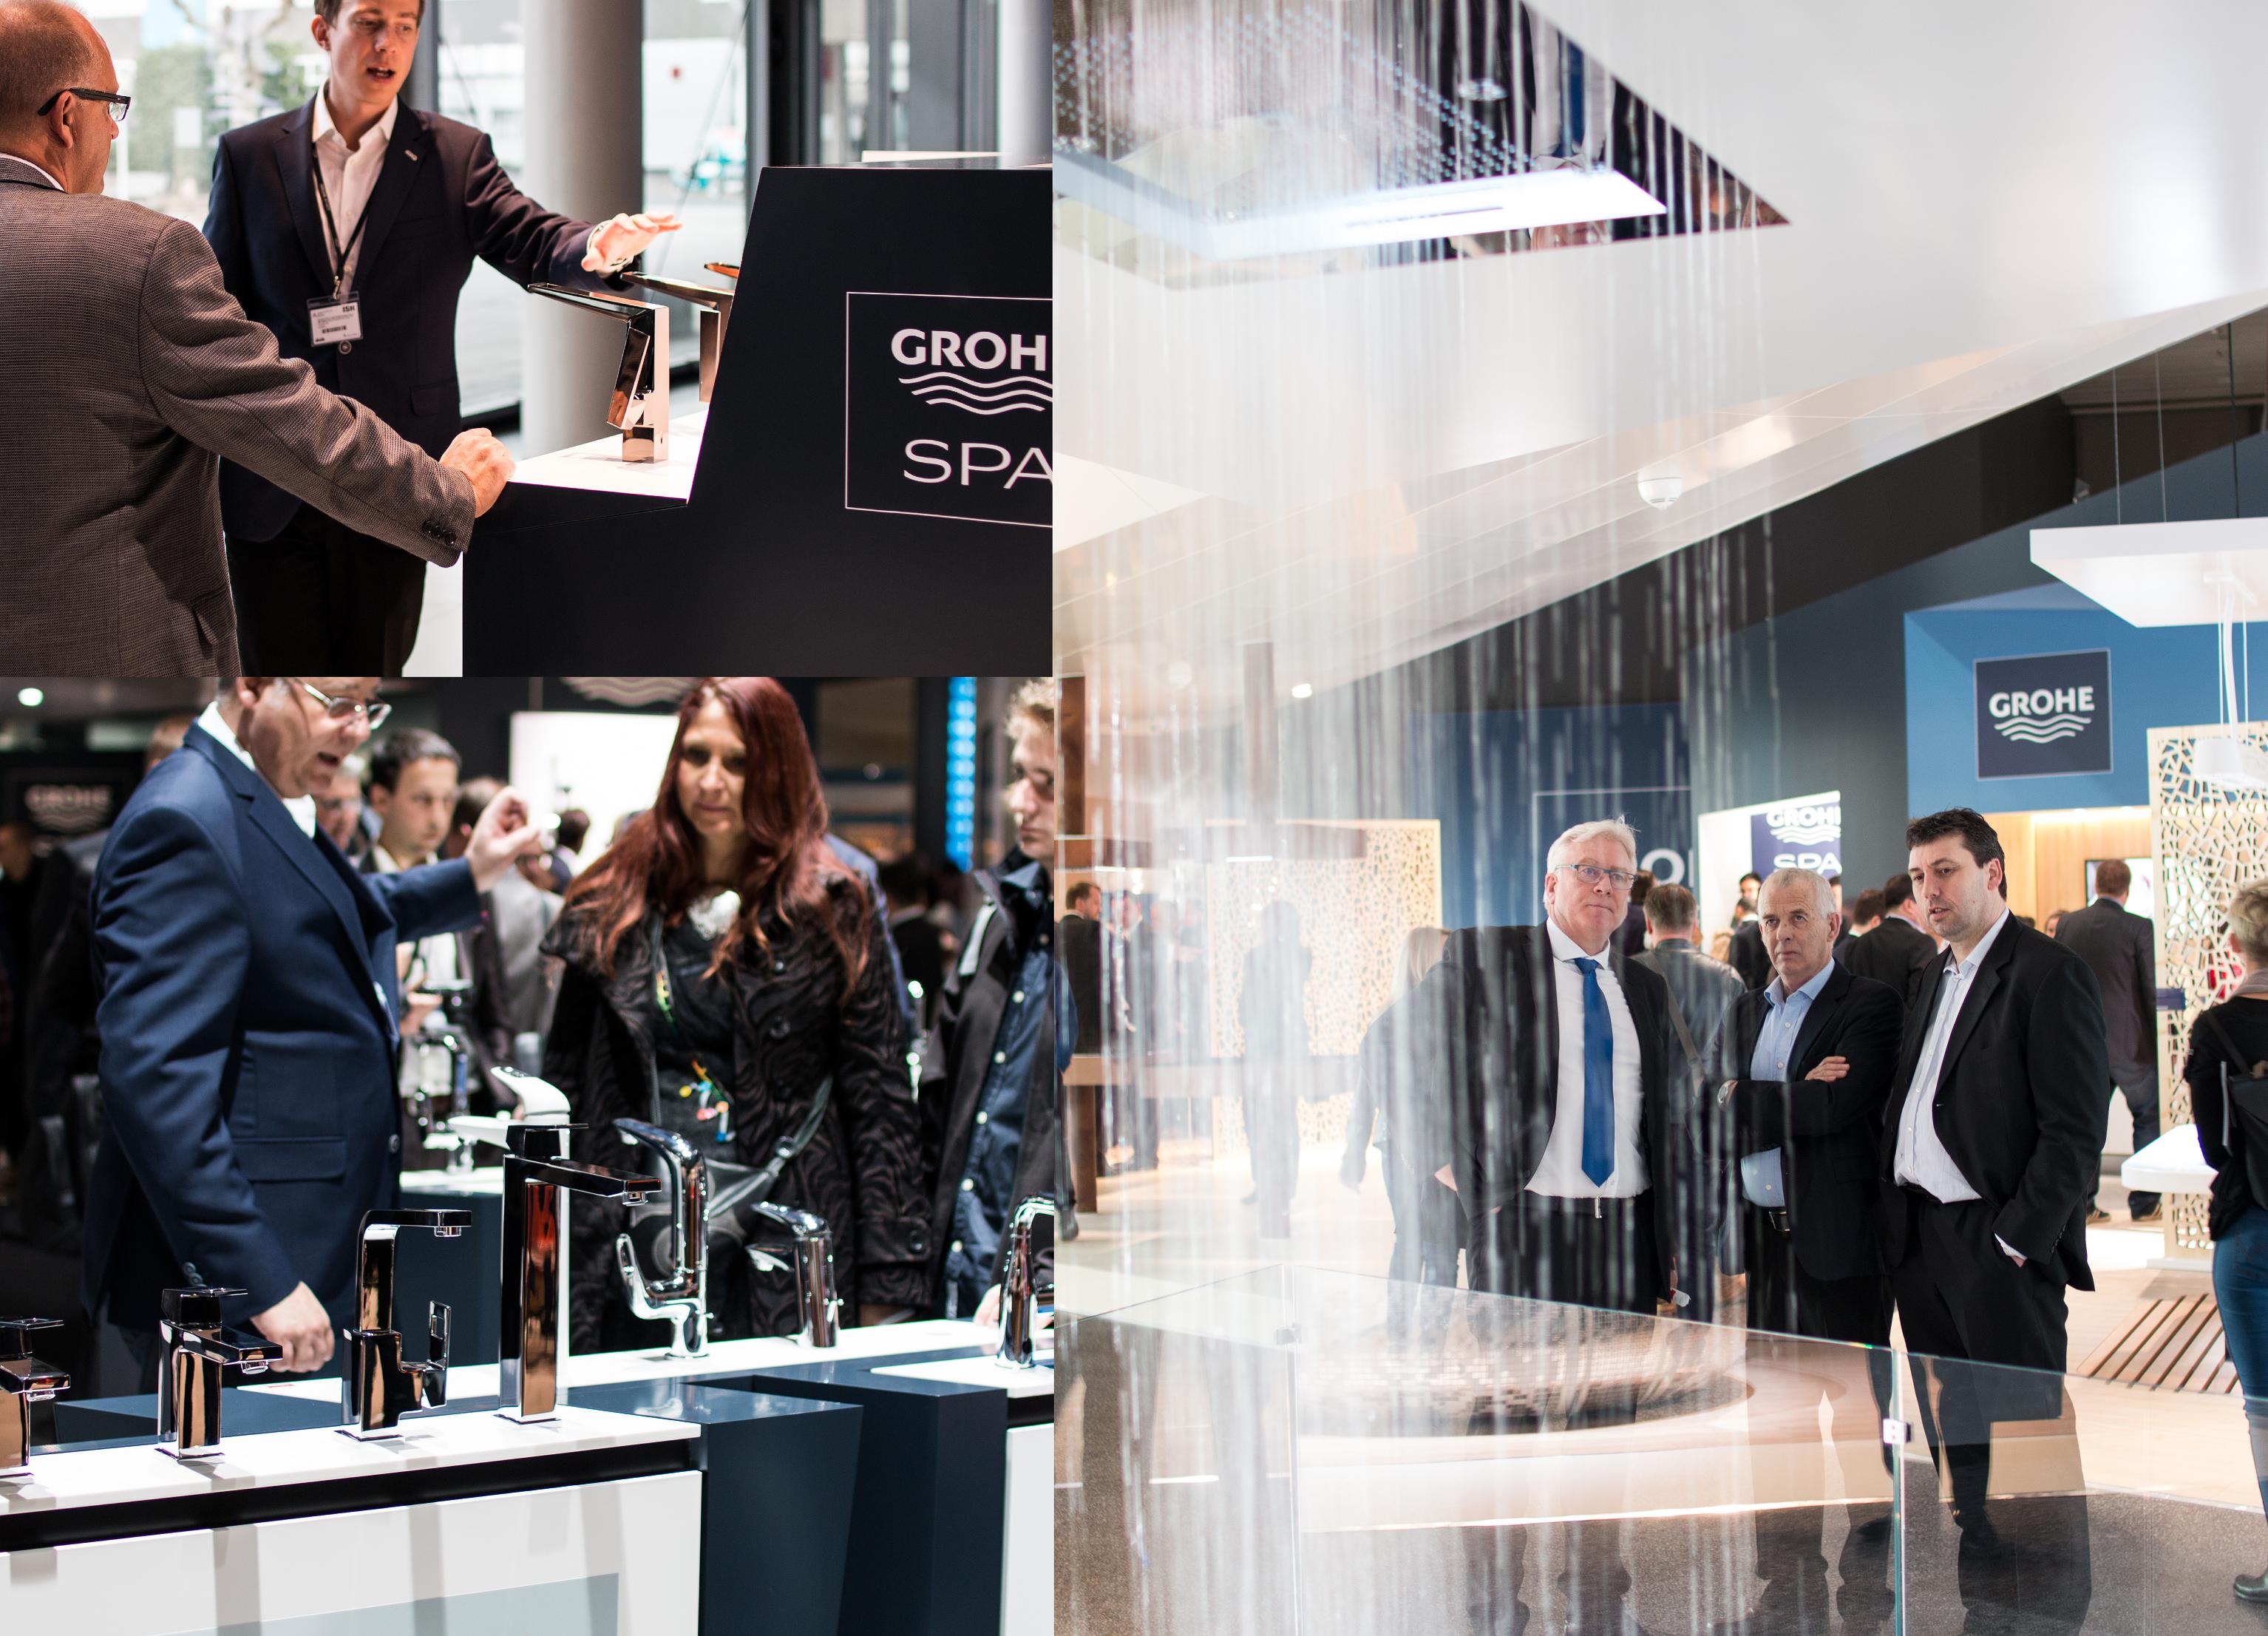 Standul GROHE de la ISH 2015 - Noul concept al standului GROHE prezintă compania ca un